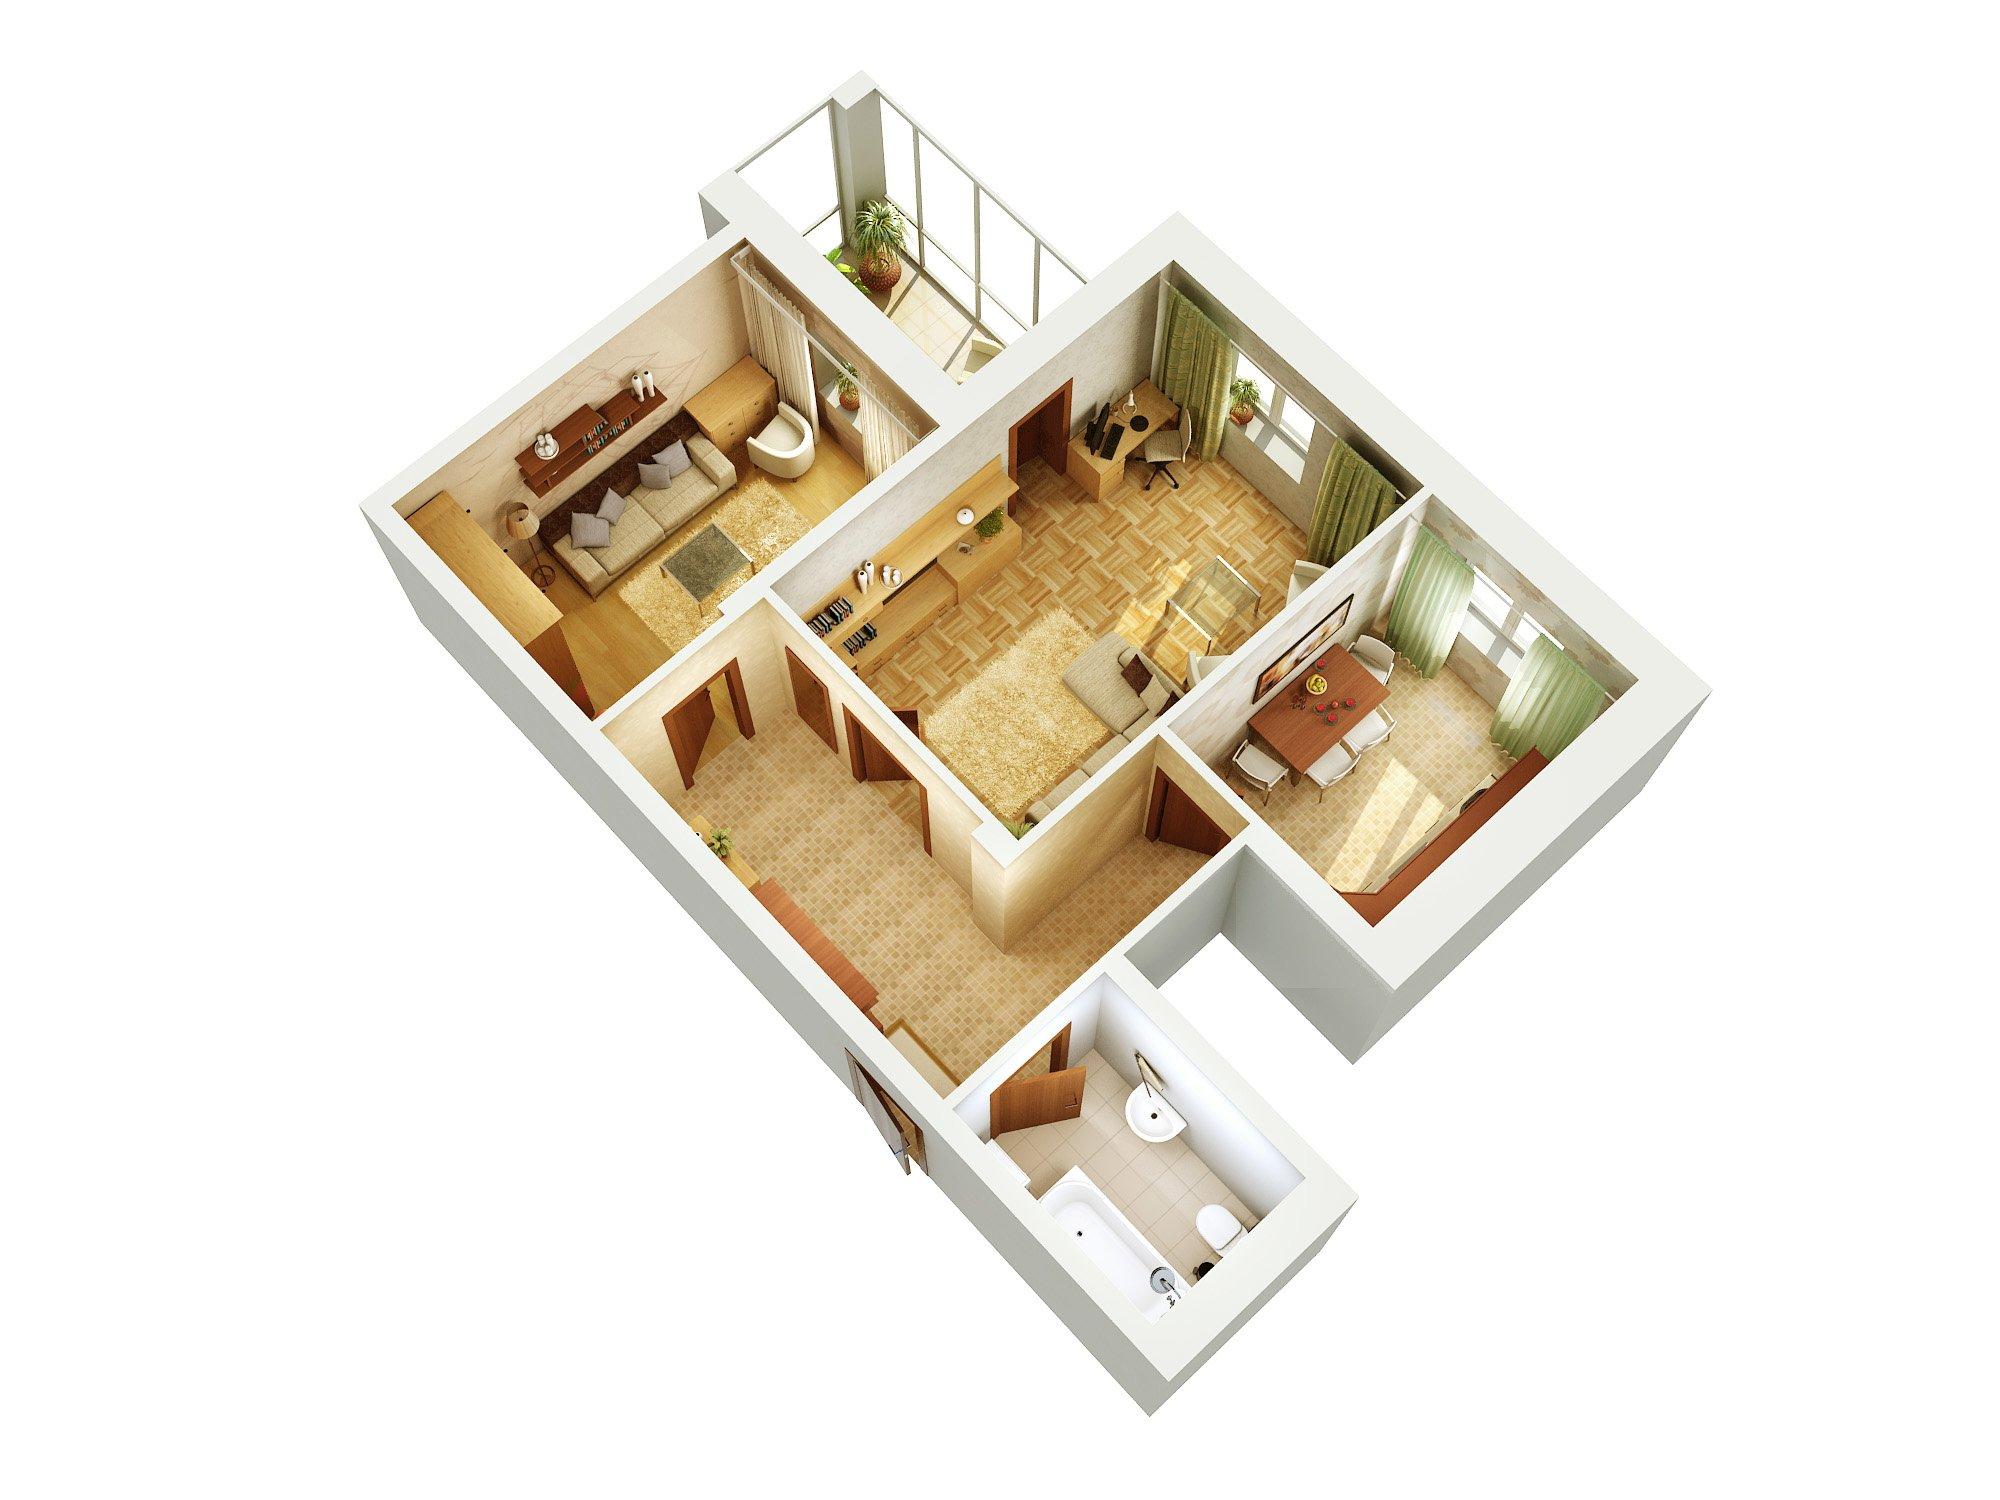 Эта кухня только кажется уютной, на самом деле это пространство можно было спроектировать в 100 раз лучше